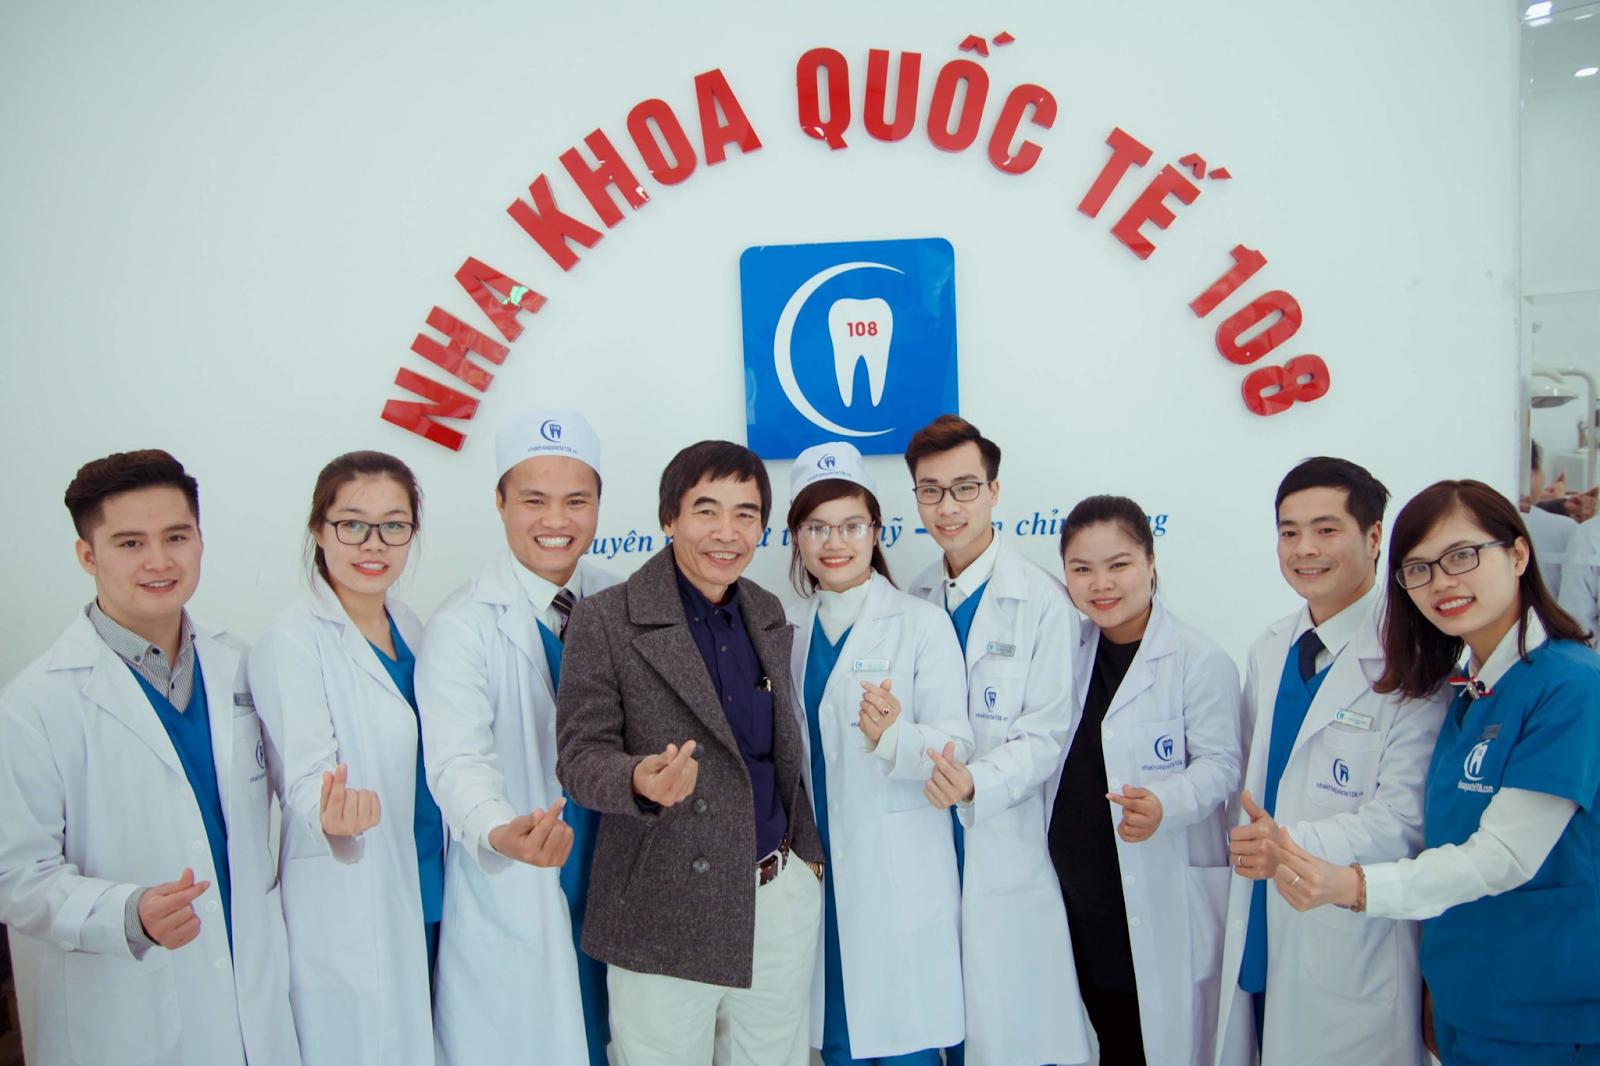 Top 4 địa chỉ chữa cười hở lợi uy tín tại Hà Nội